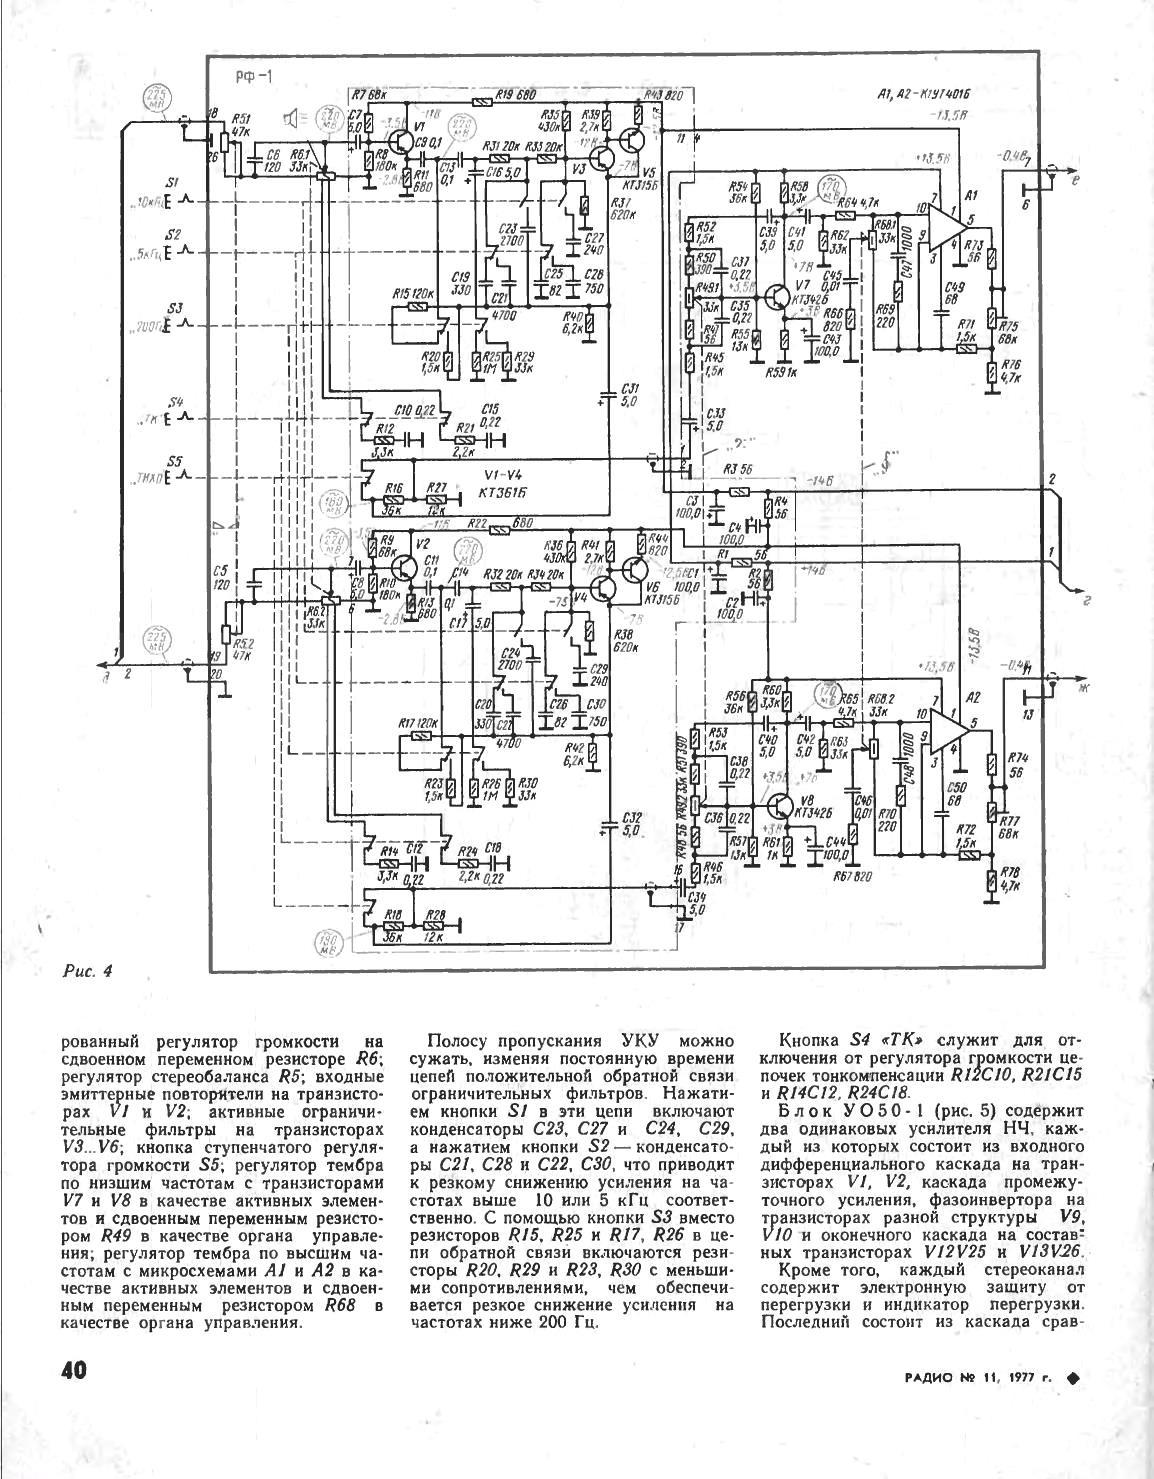 020 уку схема radiotehnika